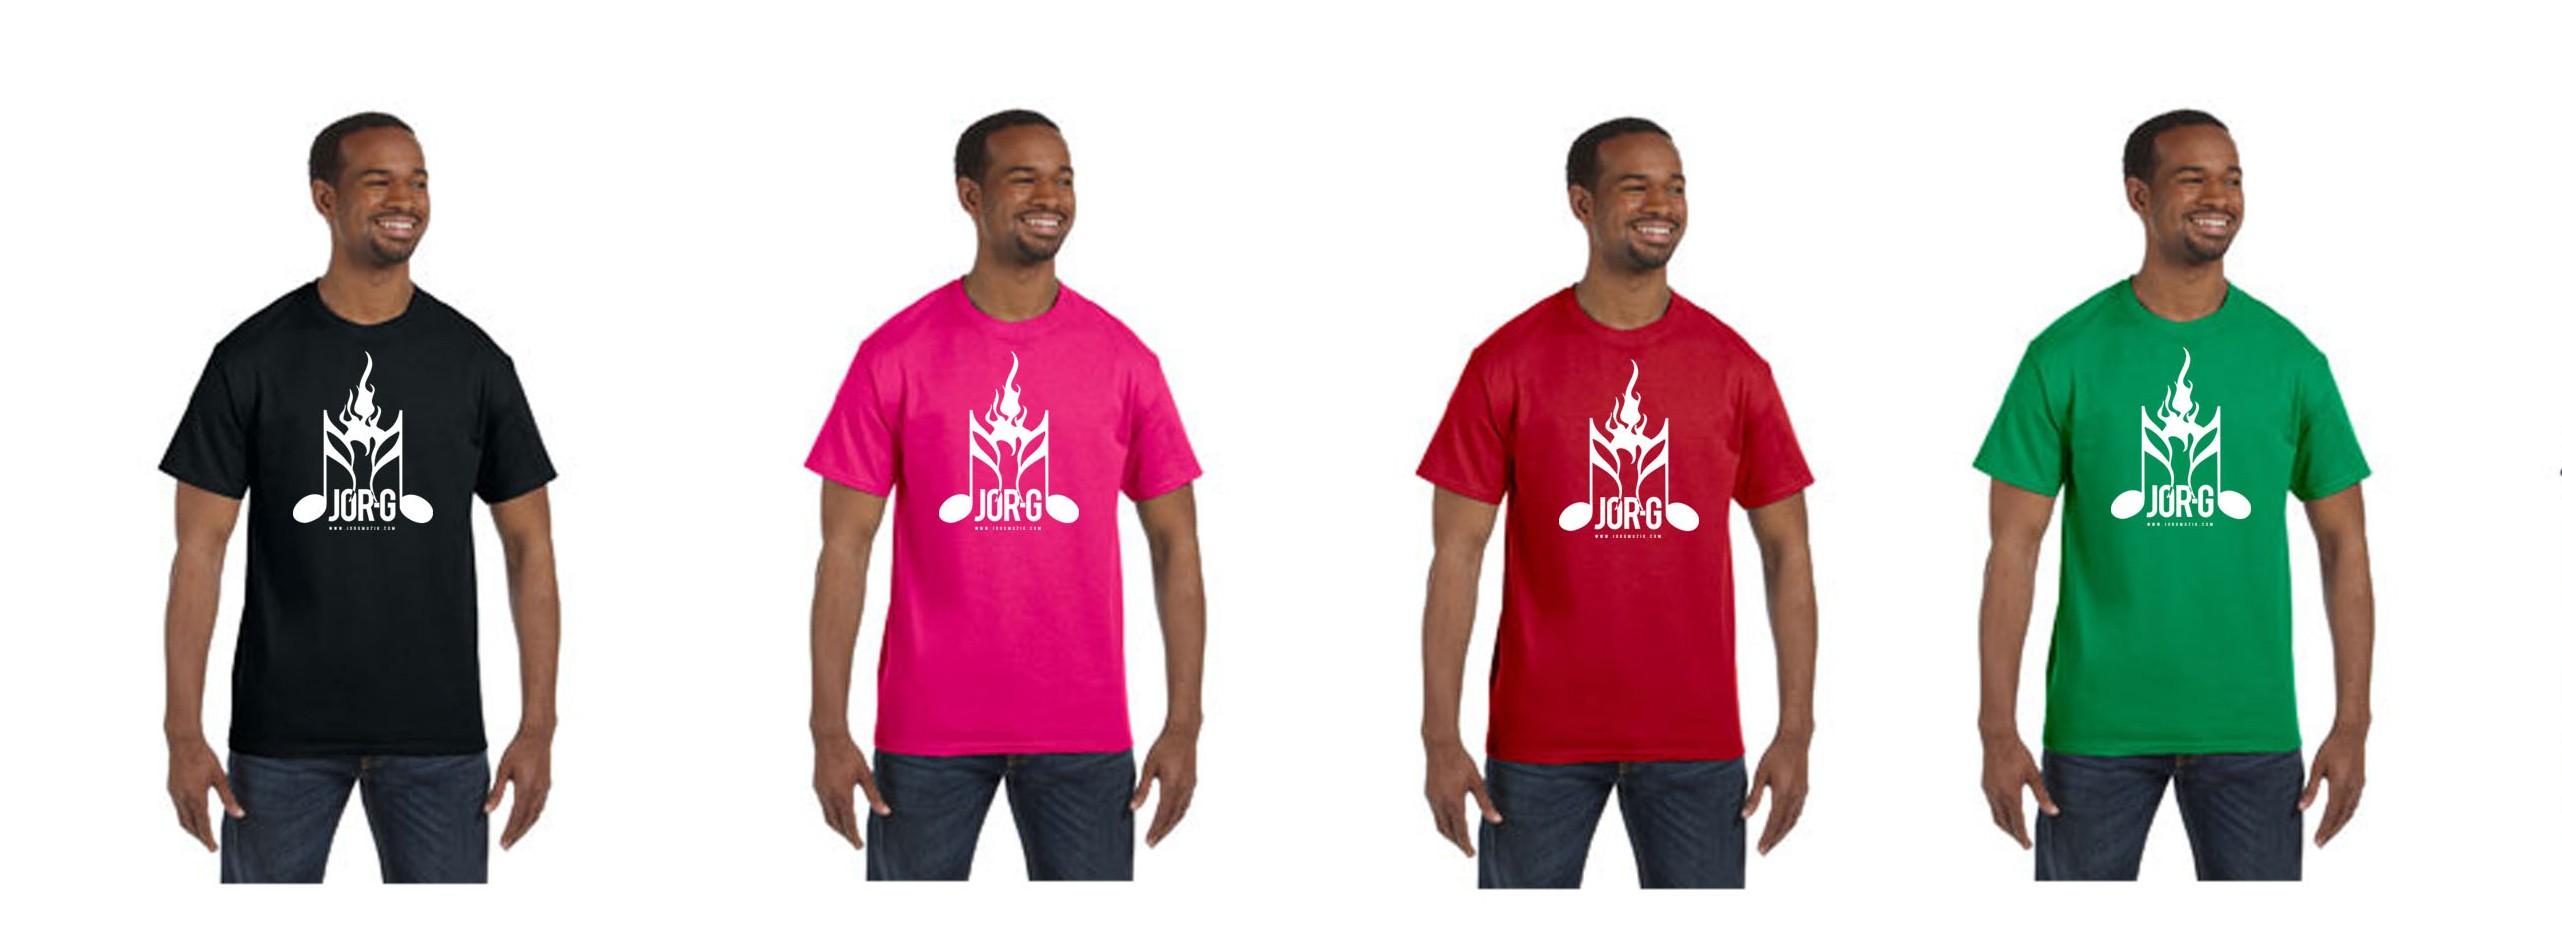 jorgmusic shirts pic